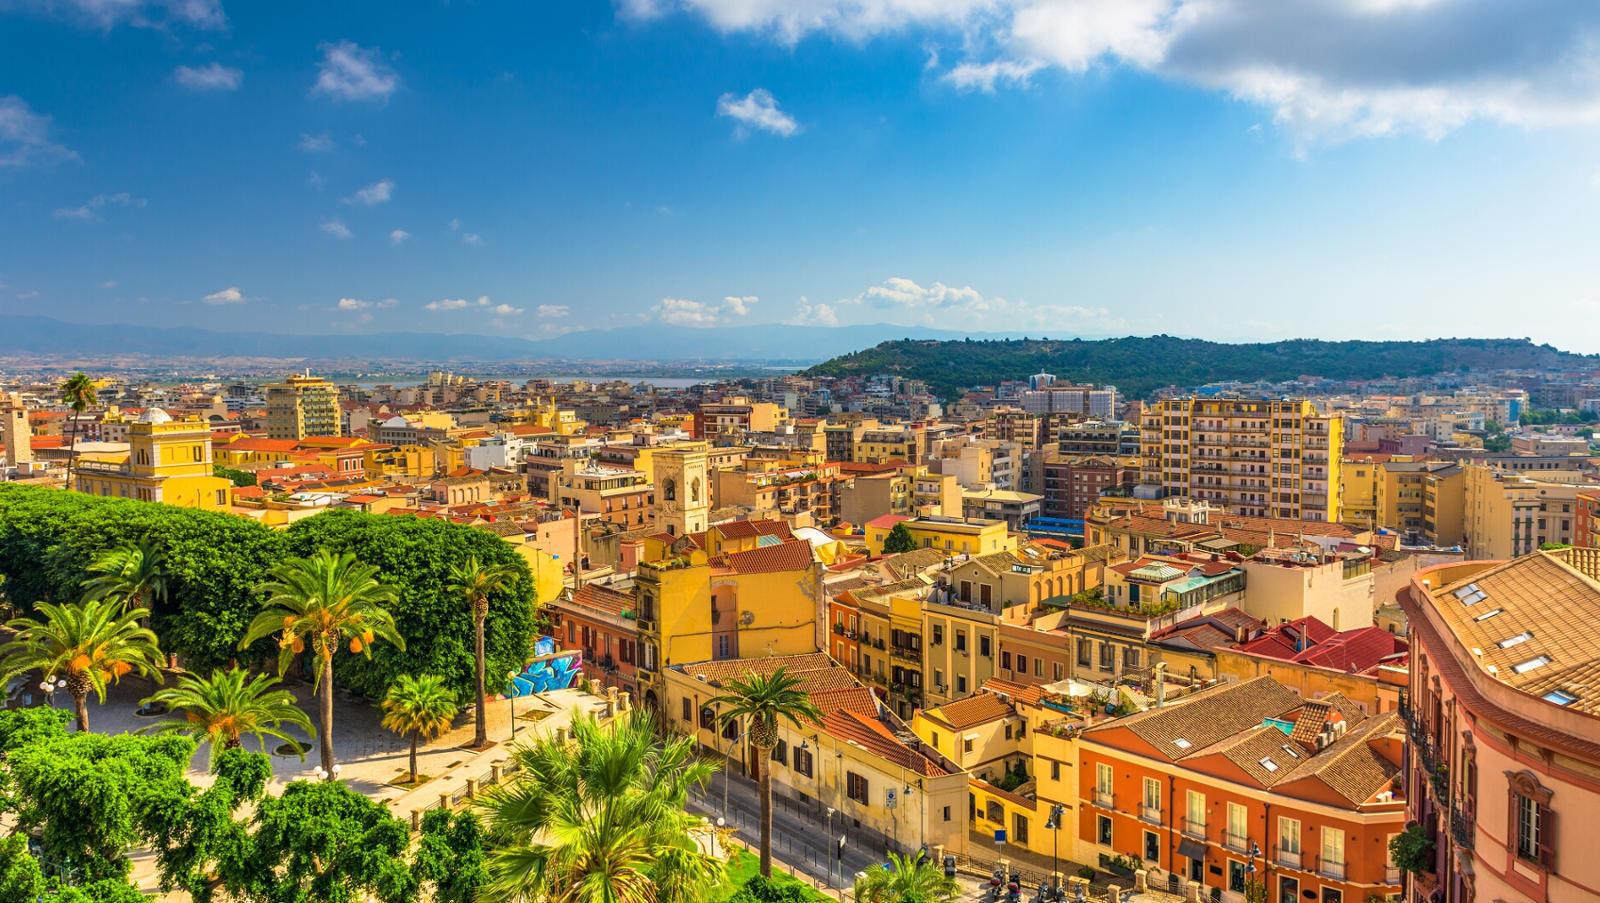 Valutazione Immobili Cagliari